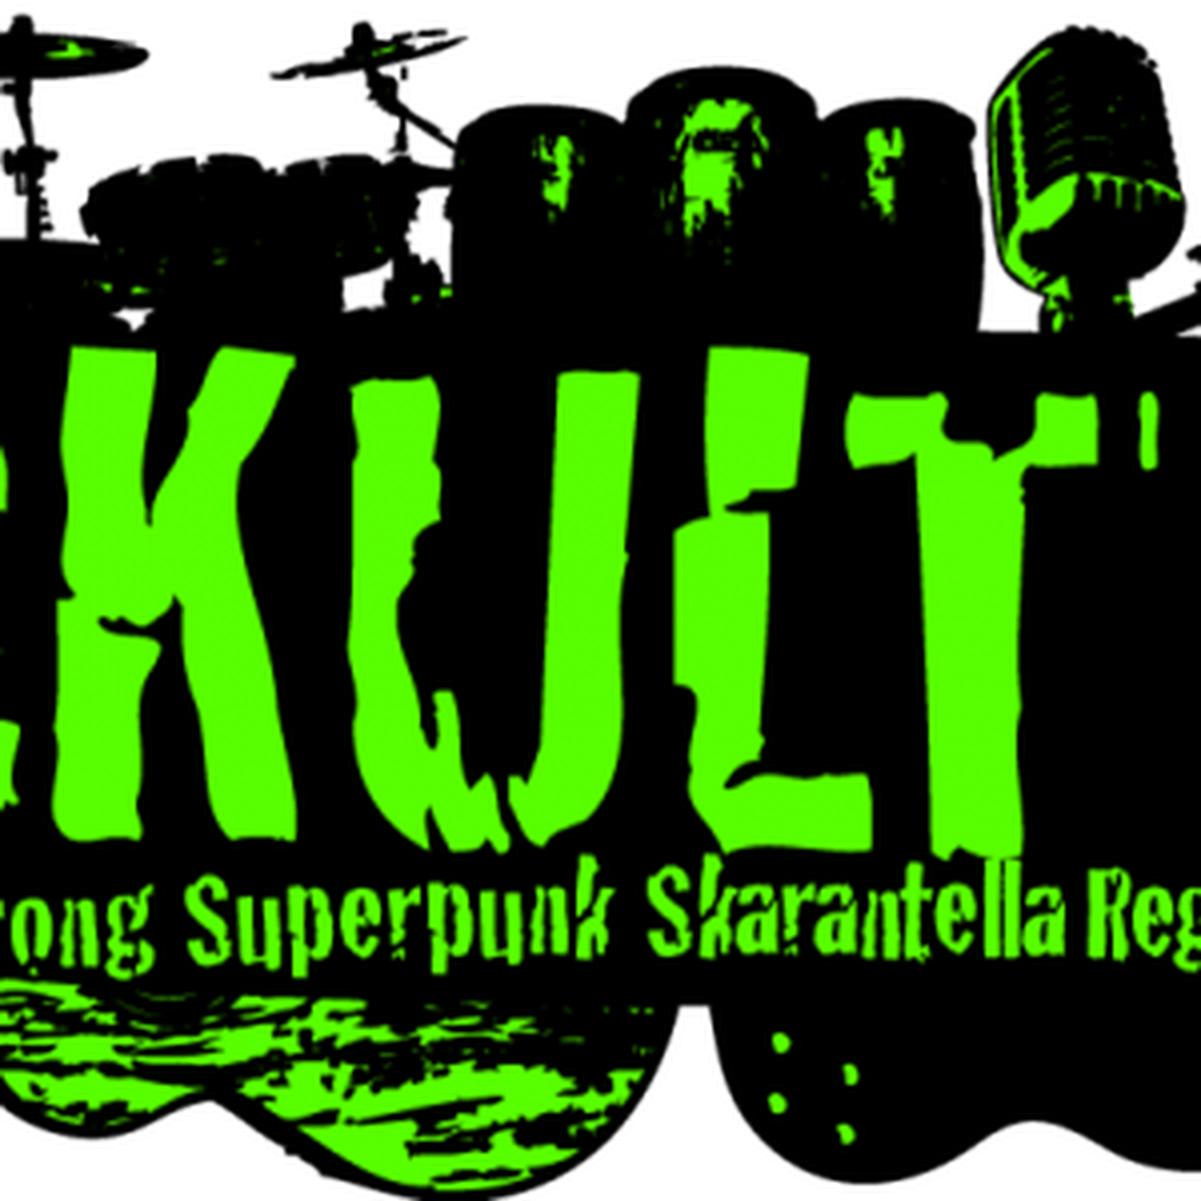 Askultura wiki, Askultura review, Askultura history, Askultura news